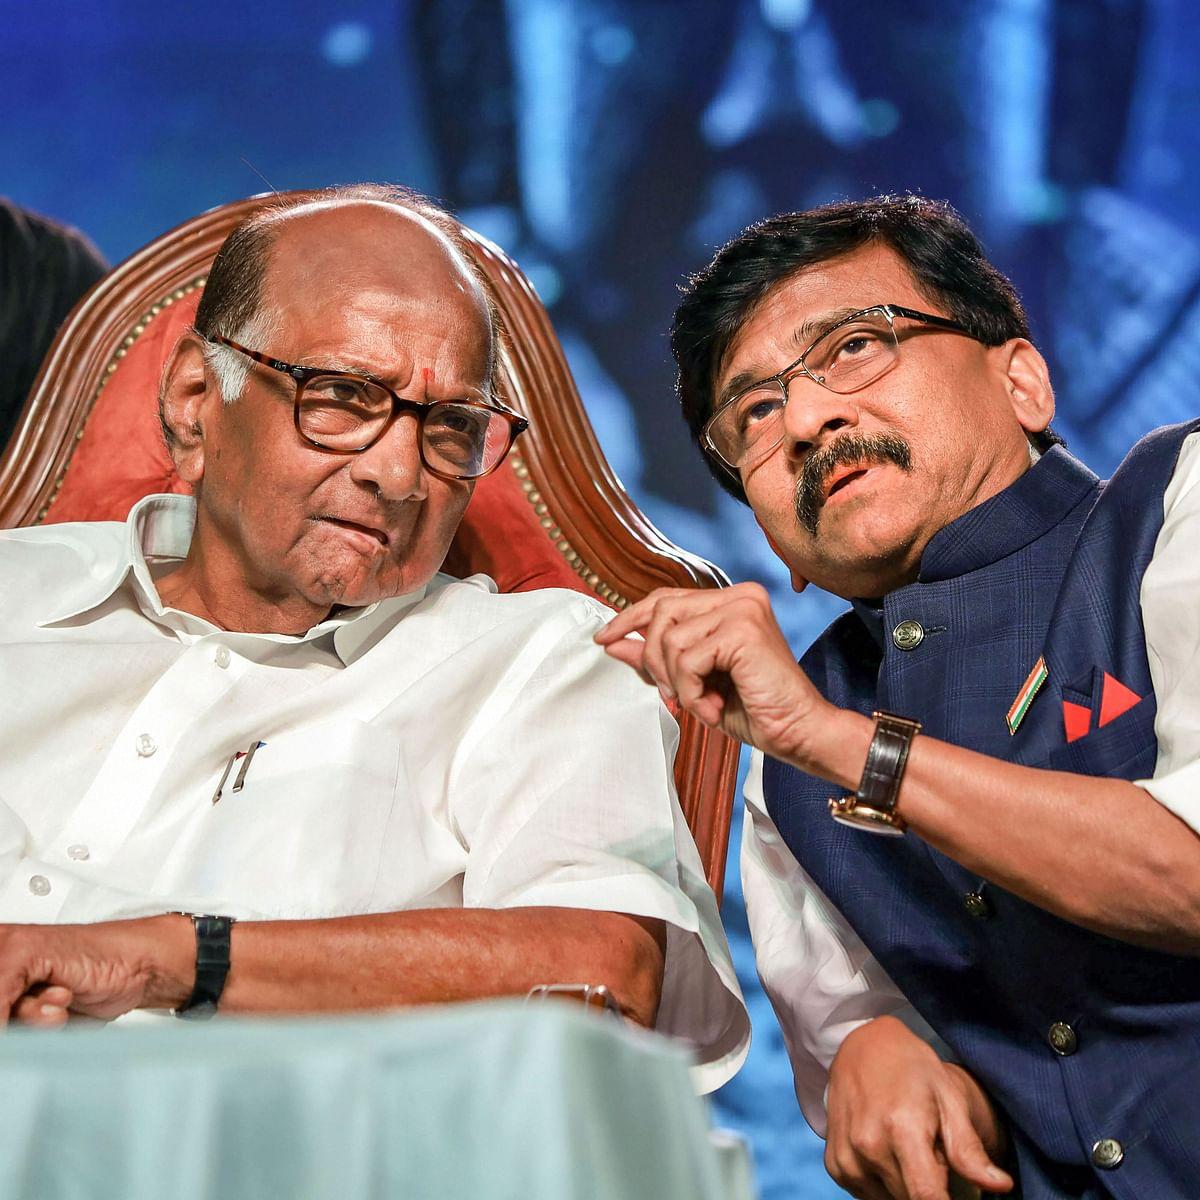 Shiv Sena MP Sanjay Raut meets Sharad Pawar, says NCP chief praised Uddhav Thackeray